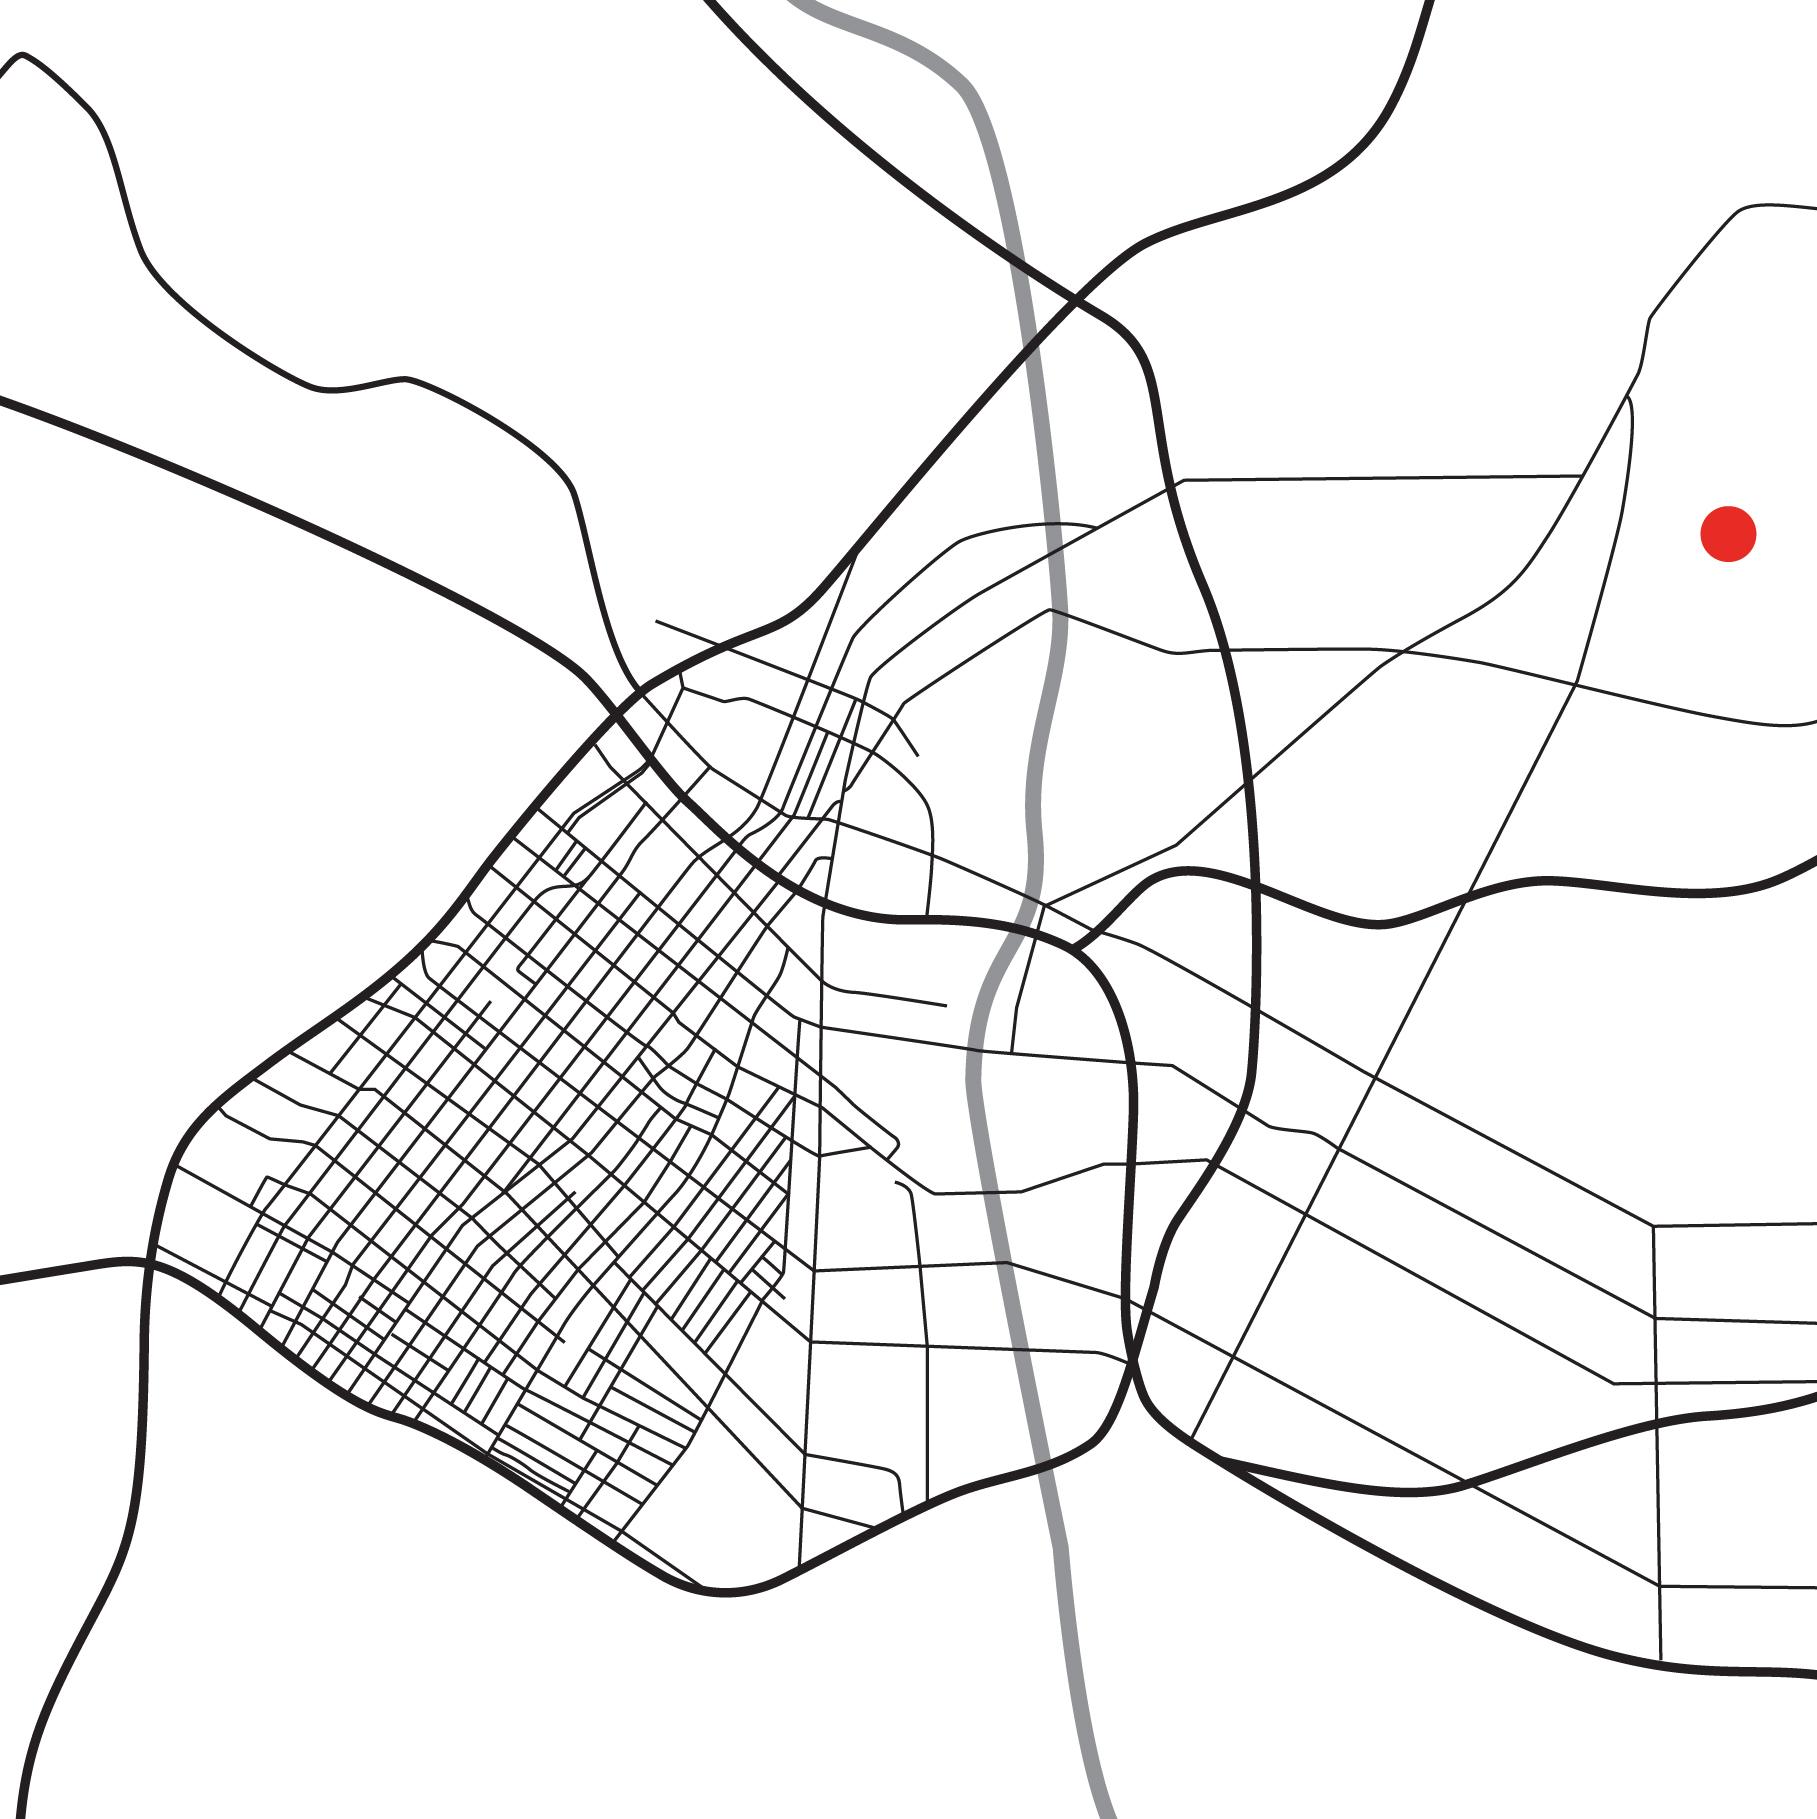 DTLA_MAP_003_VIEWPOINT_Ascott Hill-01.jpg